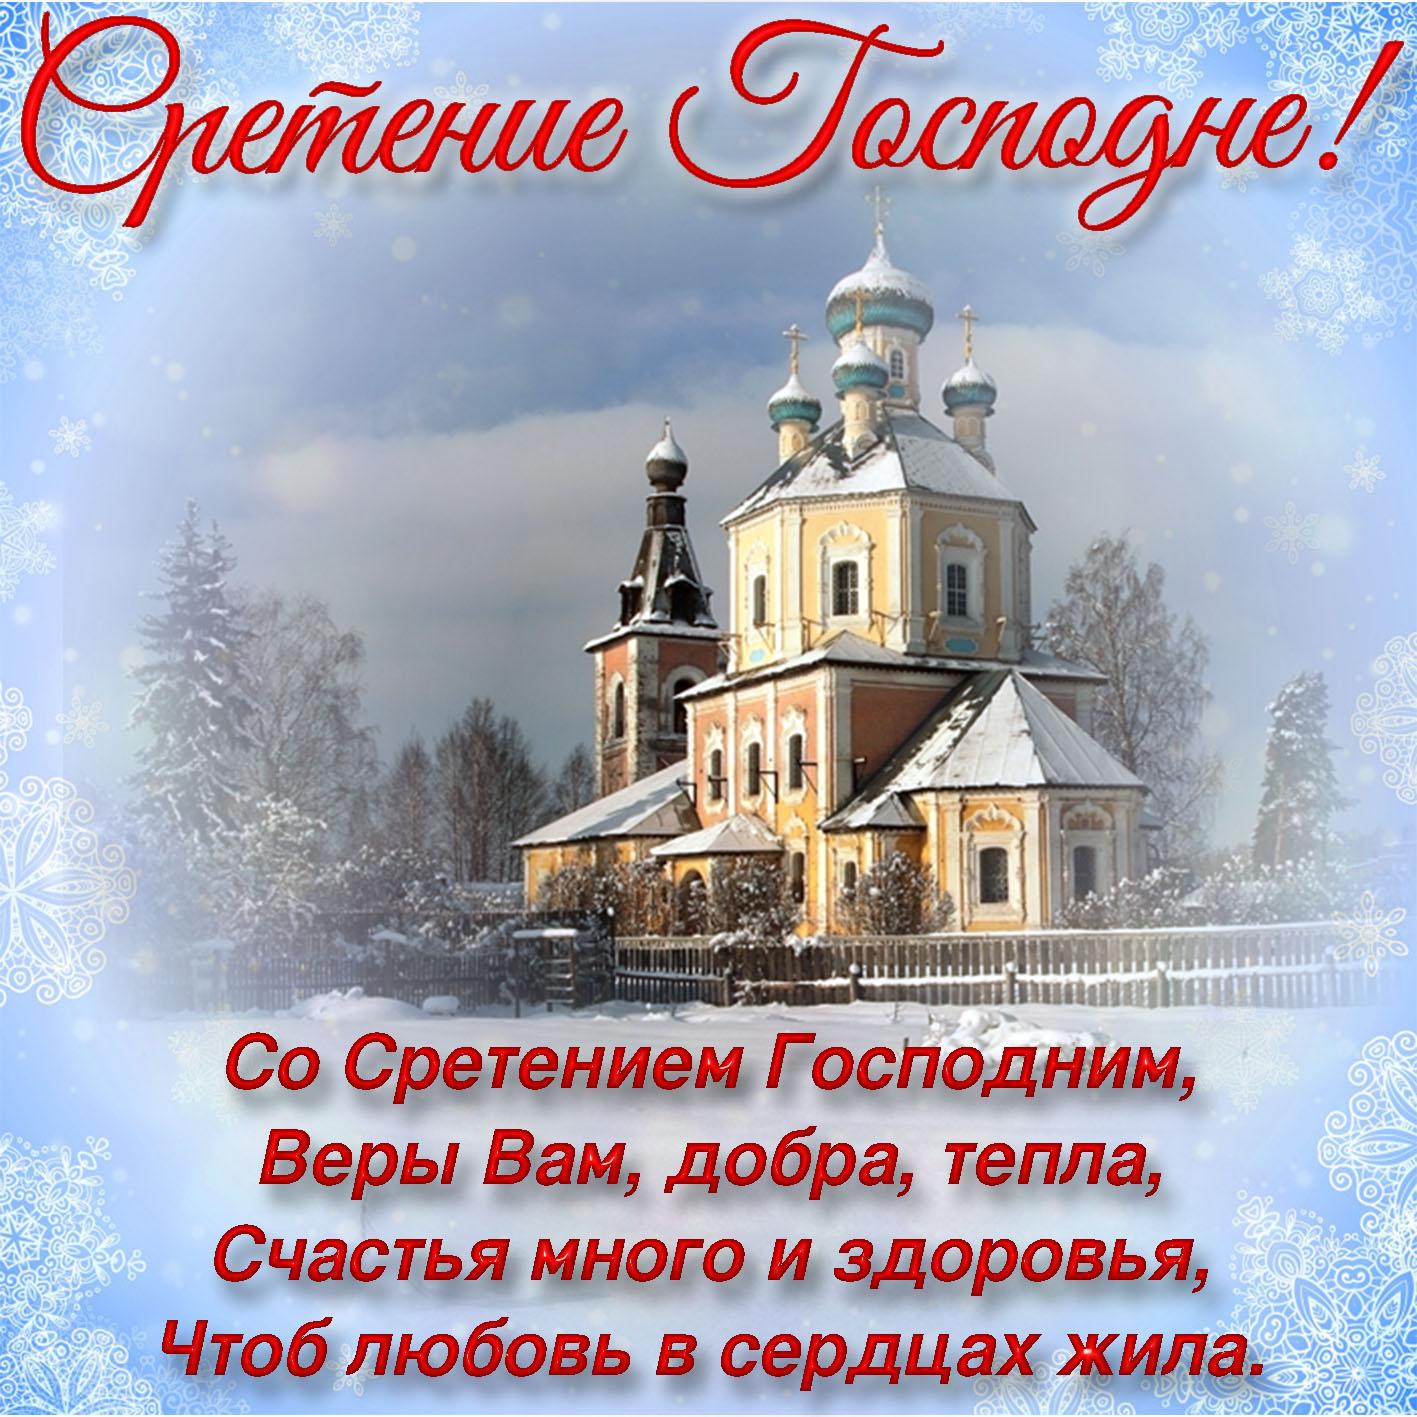 Поздравление днем, открытки на праздник сретение